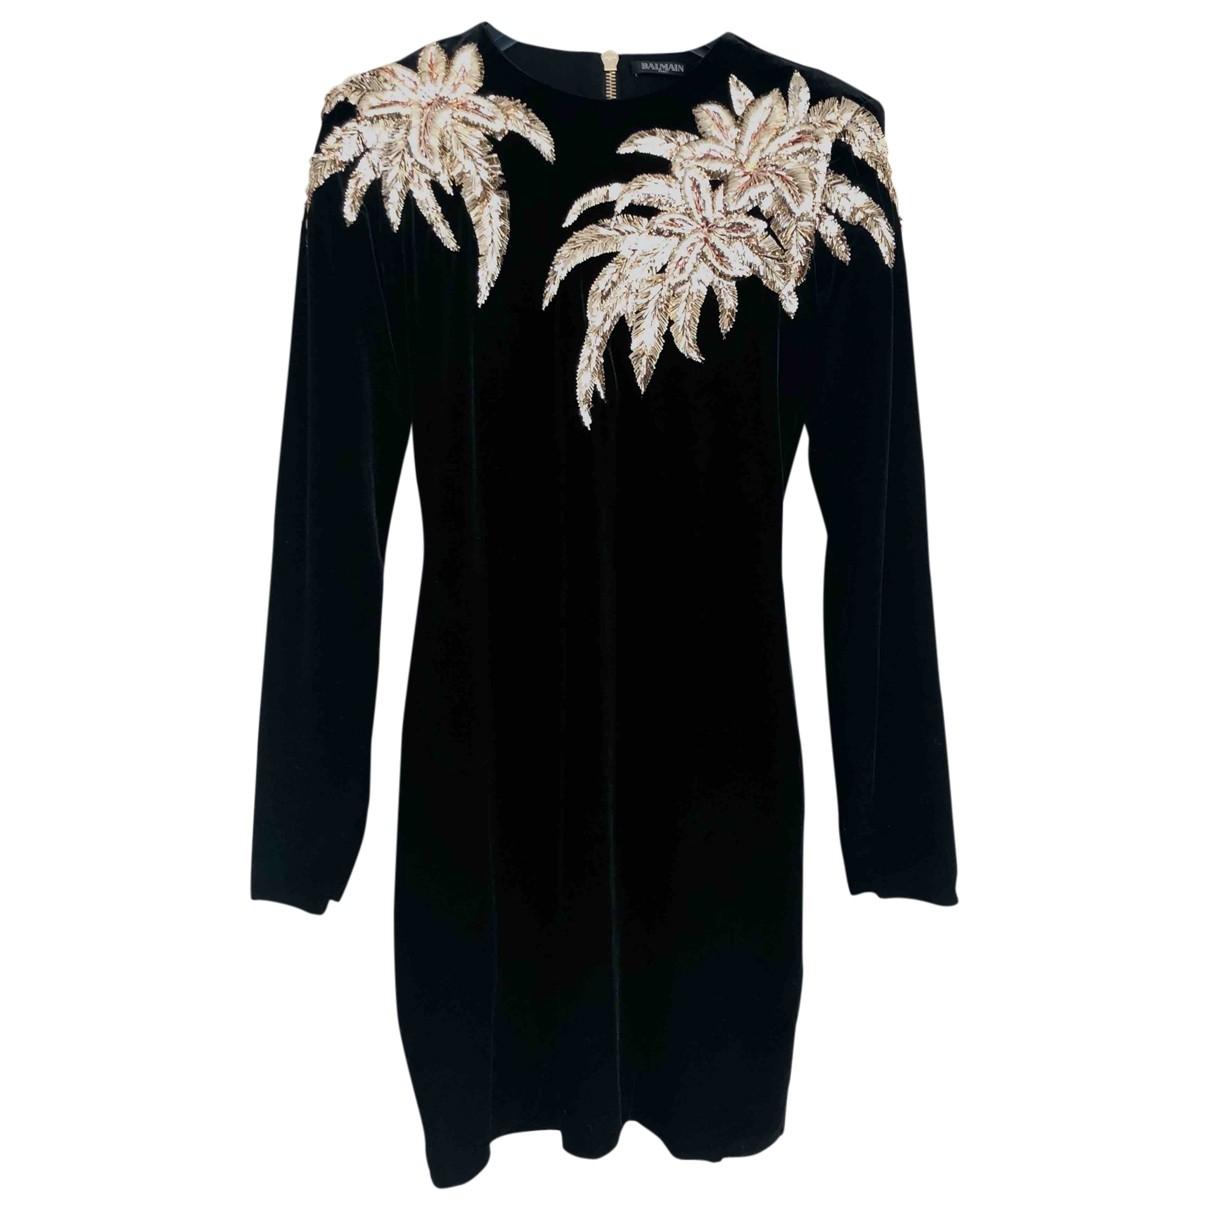 Balmain \N Black Velvet dress for Women 38 FR